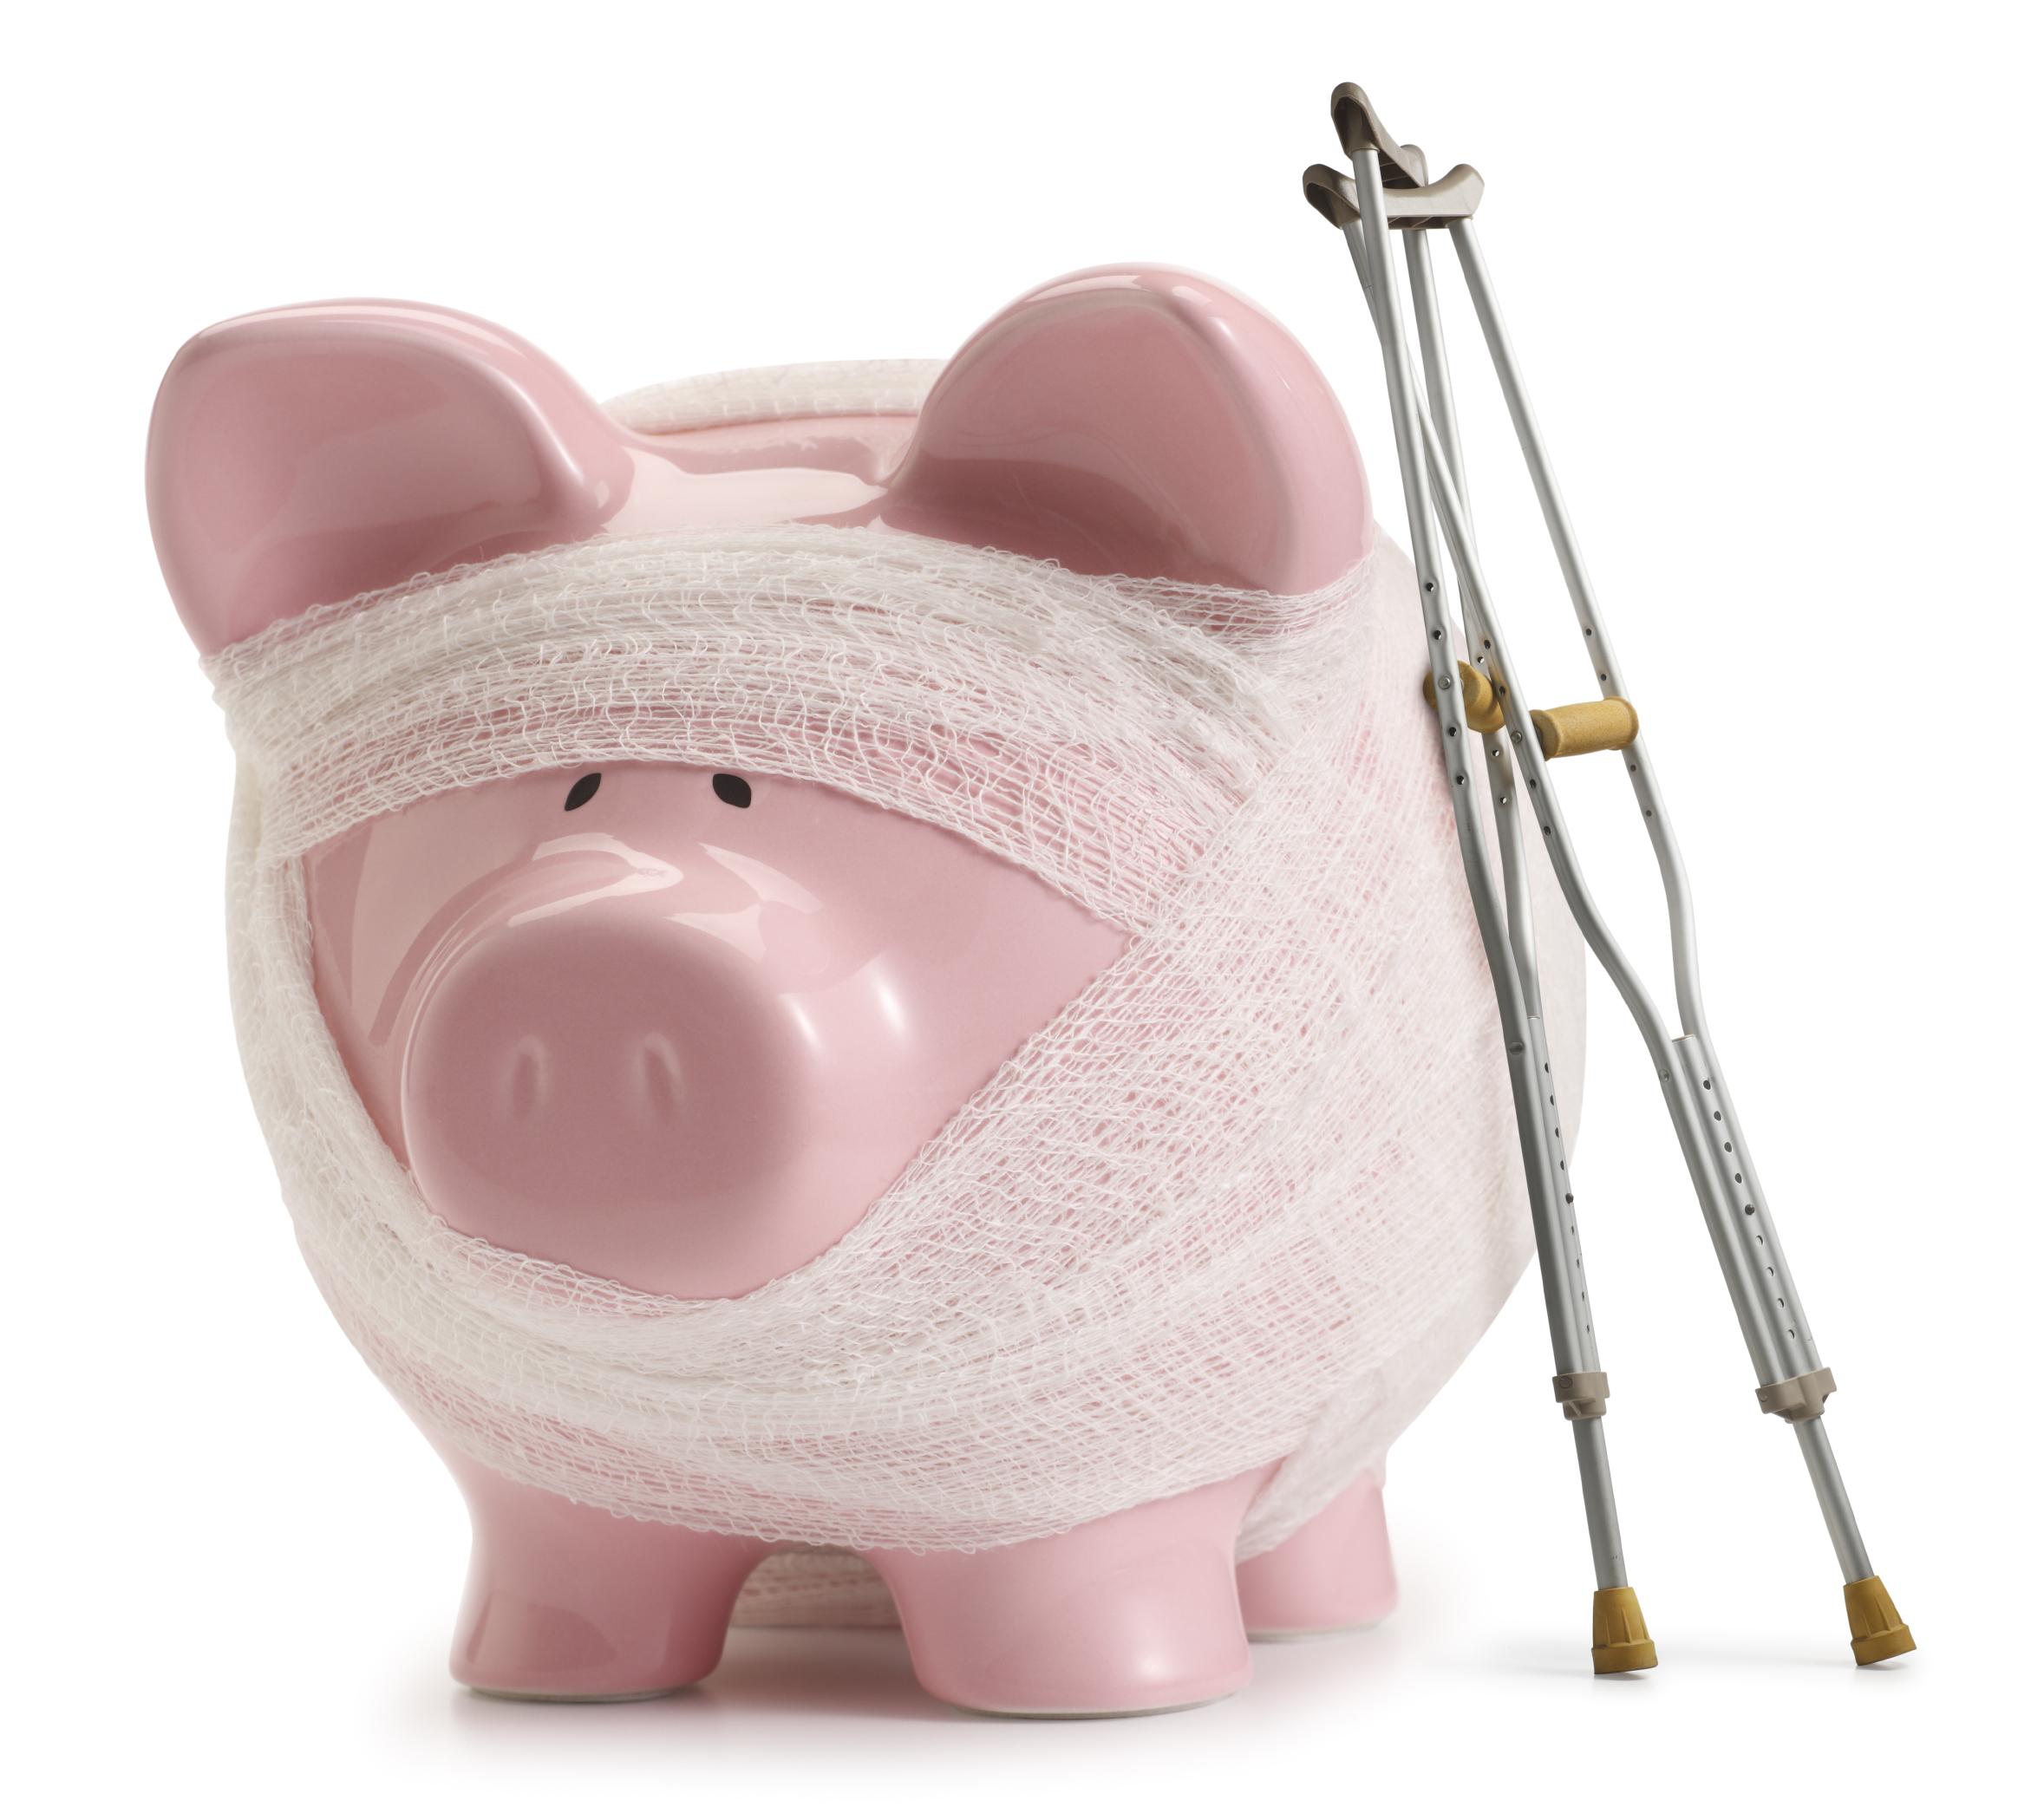 Assegurances subsidi incapacitat figueres